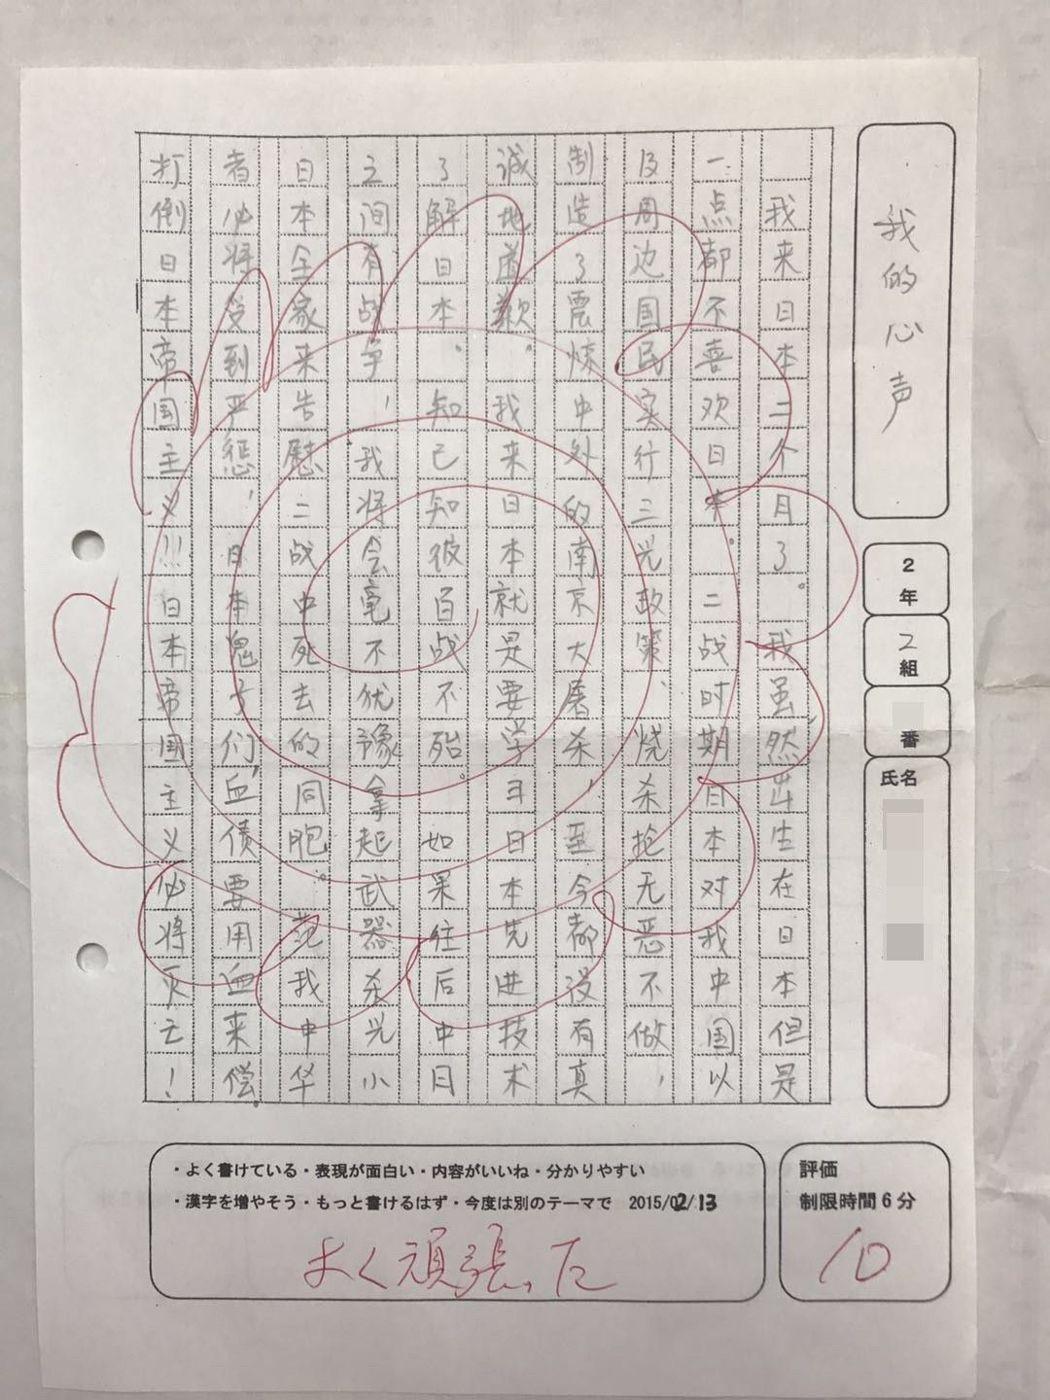 一名在日求學的中國學生在一句日語都看不懂的情形下,以中文寫下「我的心聲」,內容不乏仇恨日本的言論,最後日籍老師給了他滿分10分。(受訪者提供)